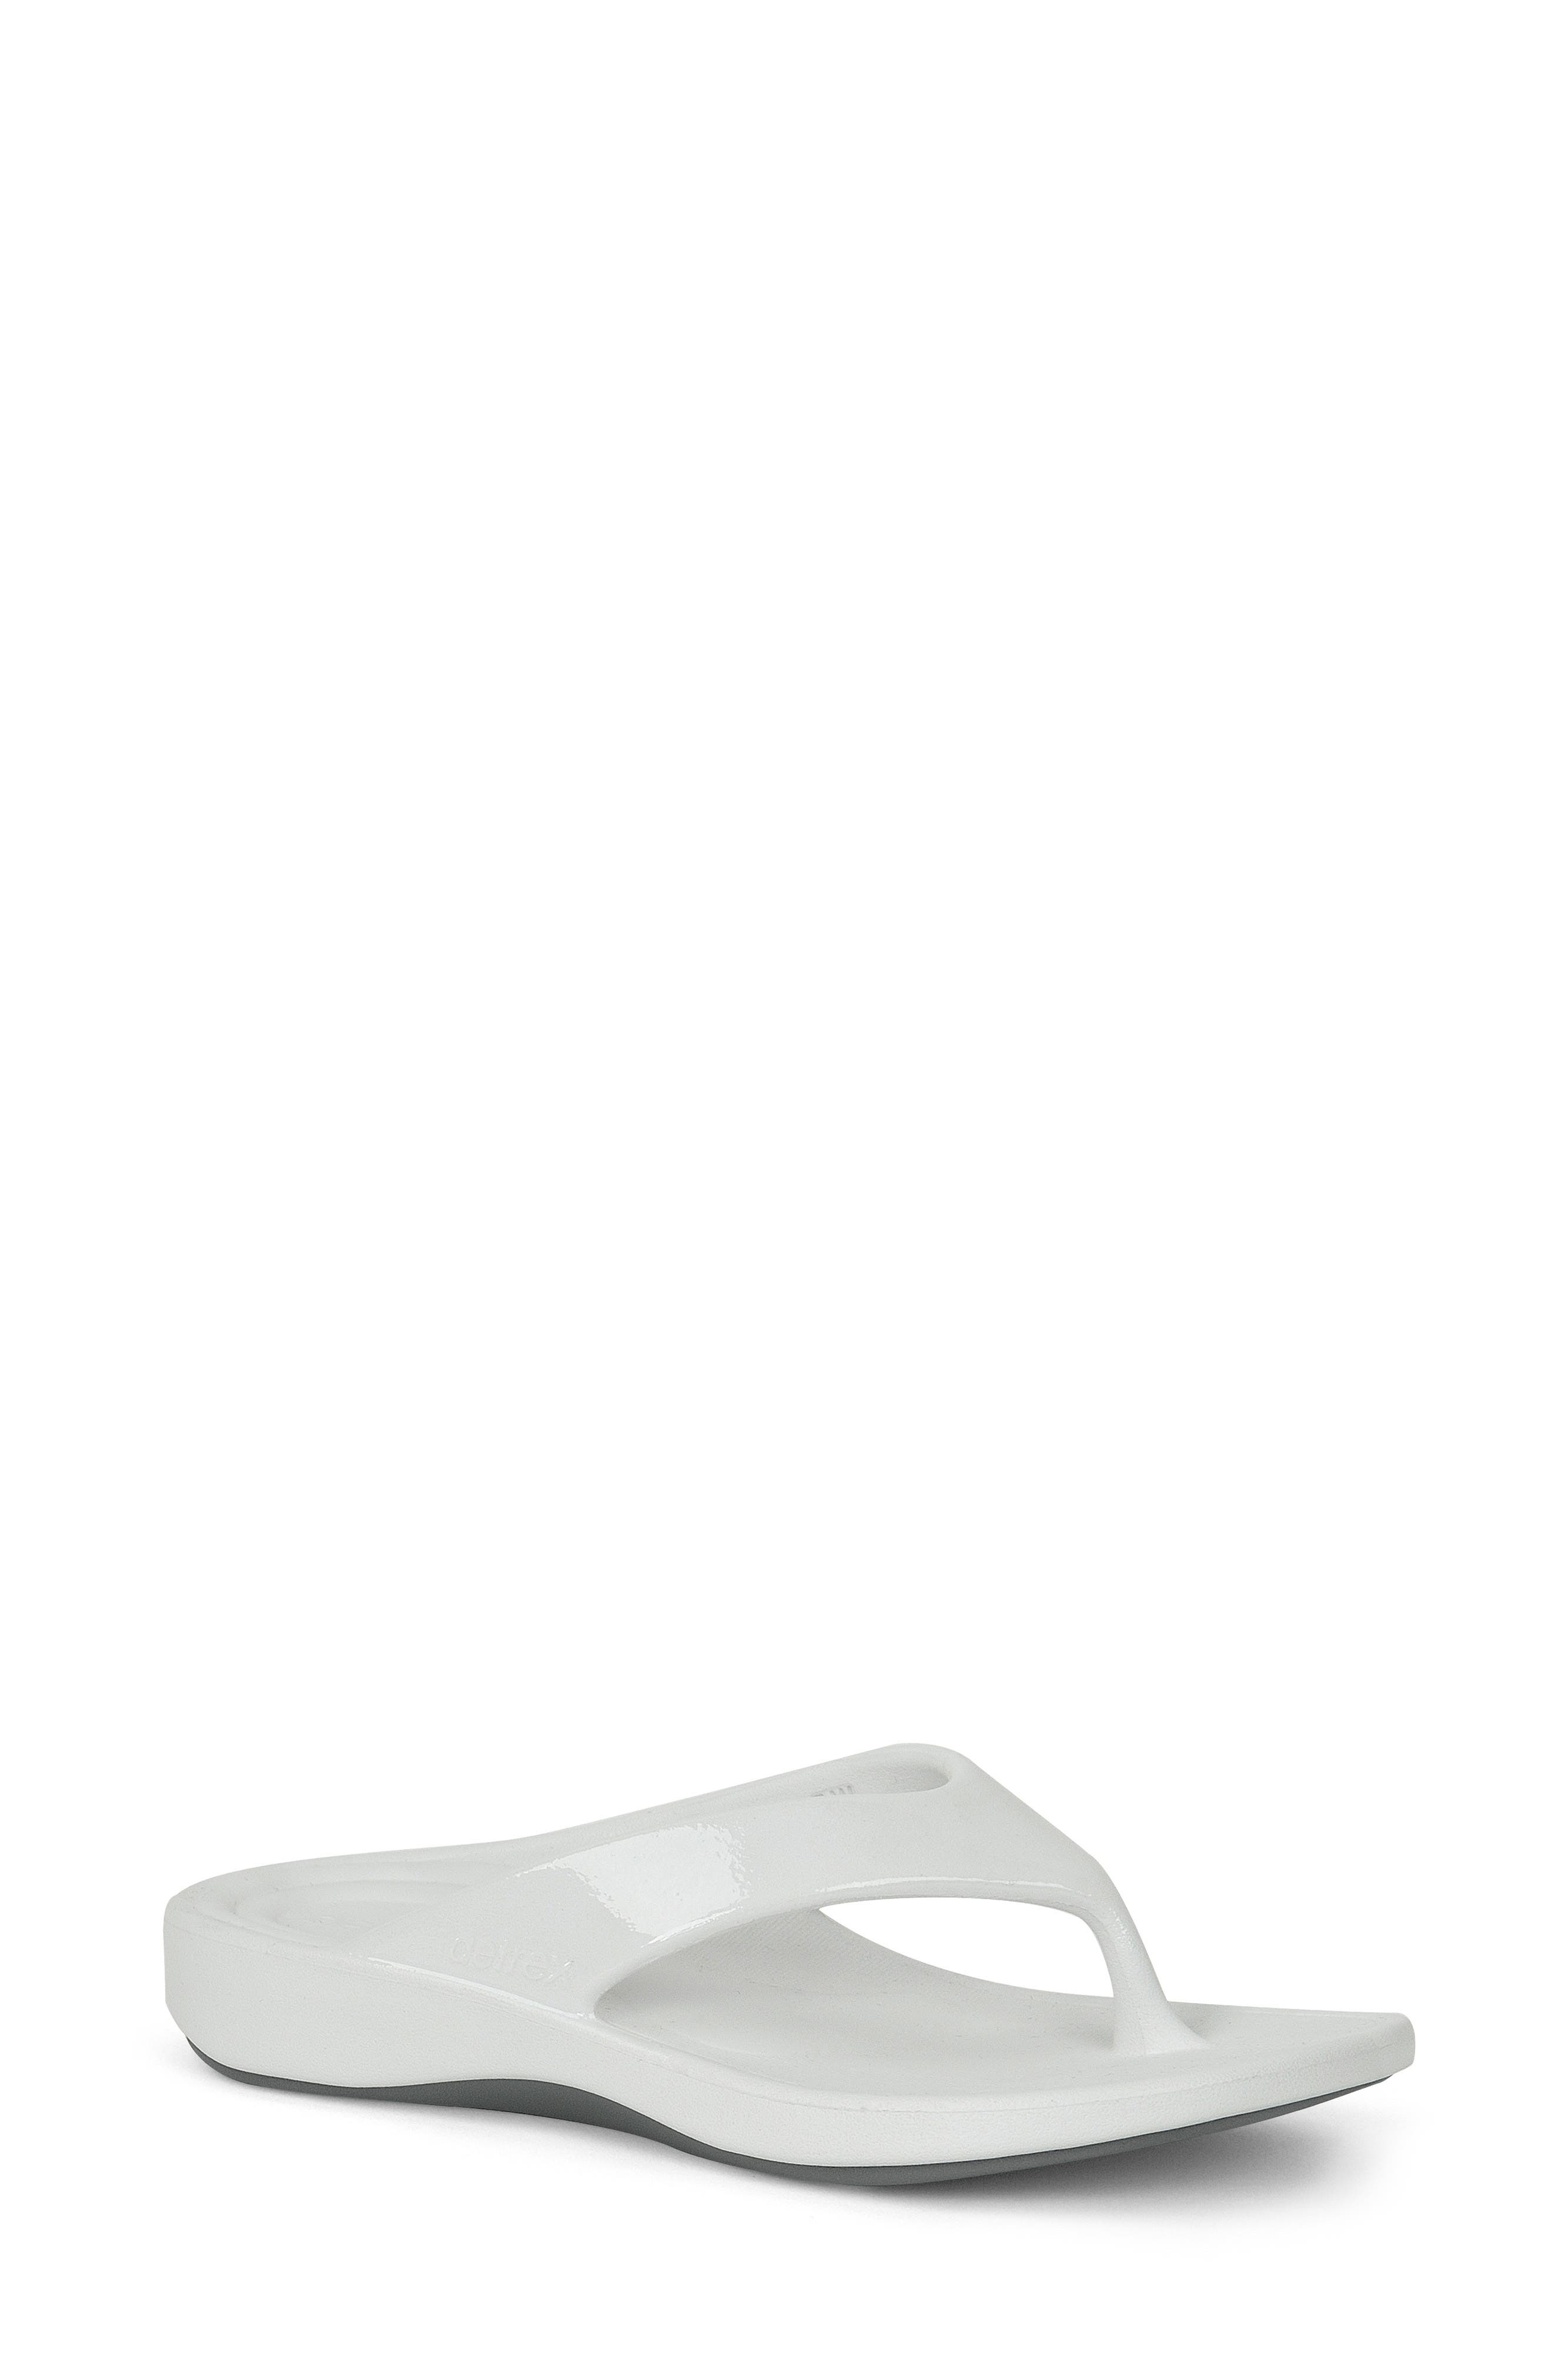 Maui Waterproof Flip Flop